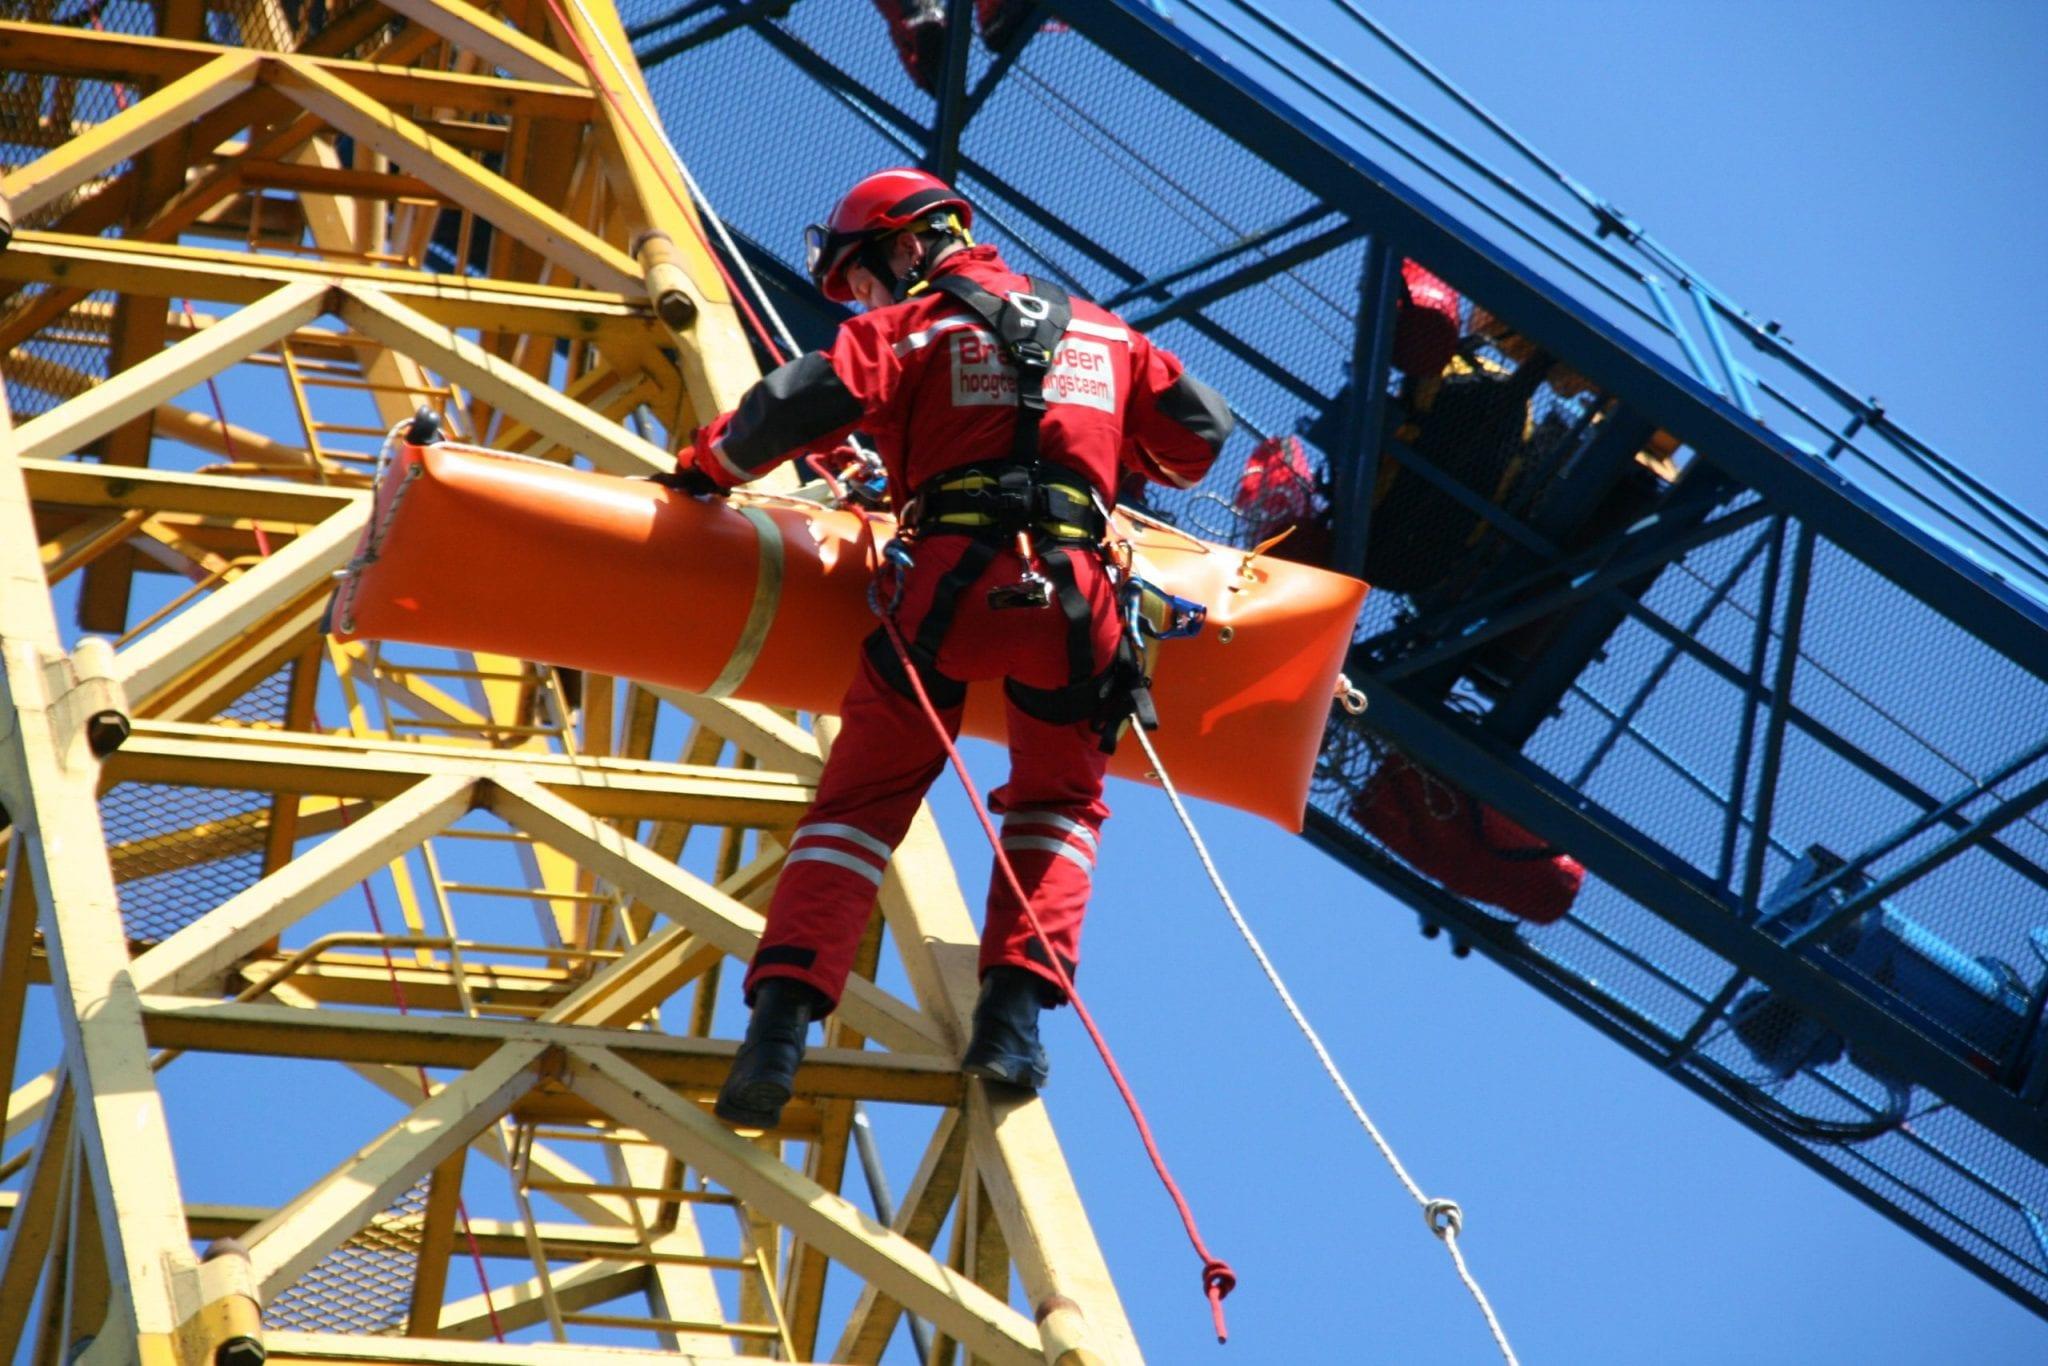 Hoogteredding & veiligheid | R3B Safety & Rescue